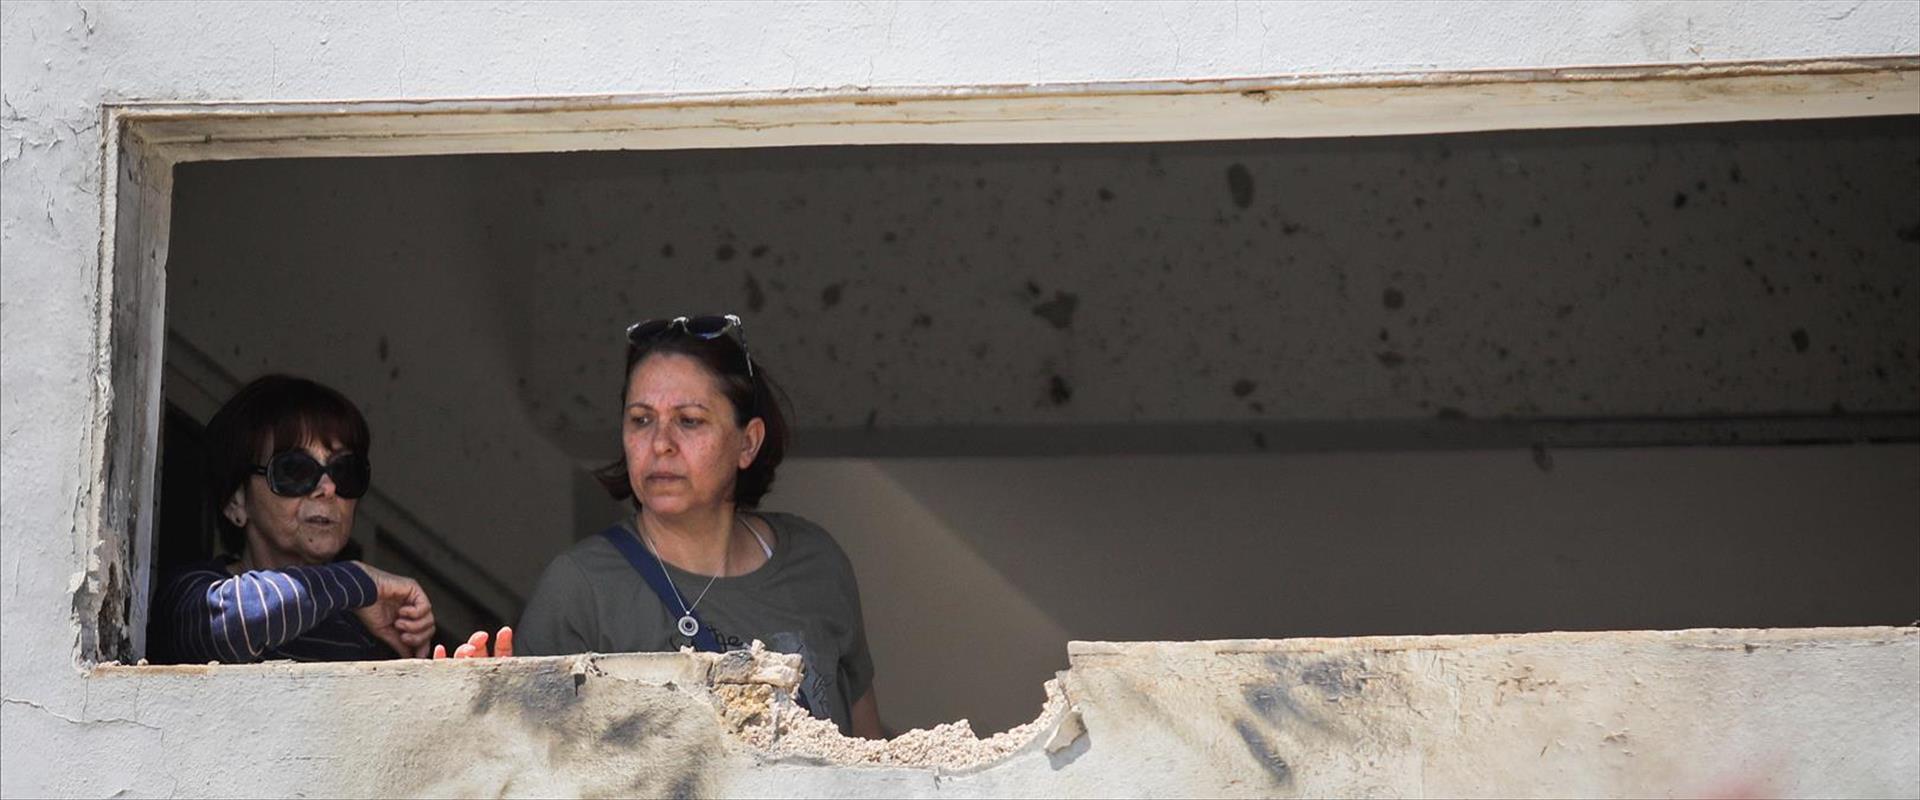 בית בדרום שנפגע מרקטה ששוגרה מעזה